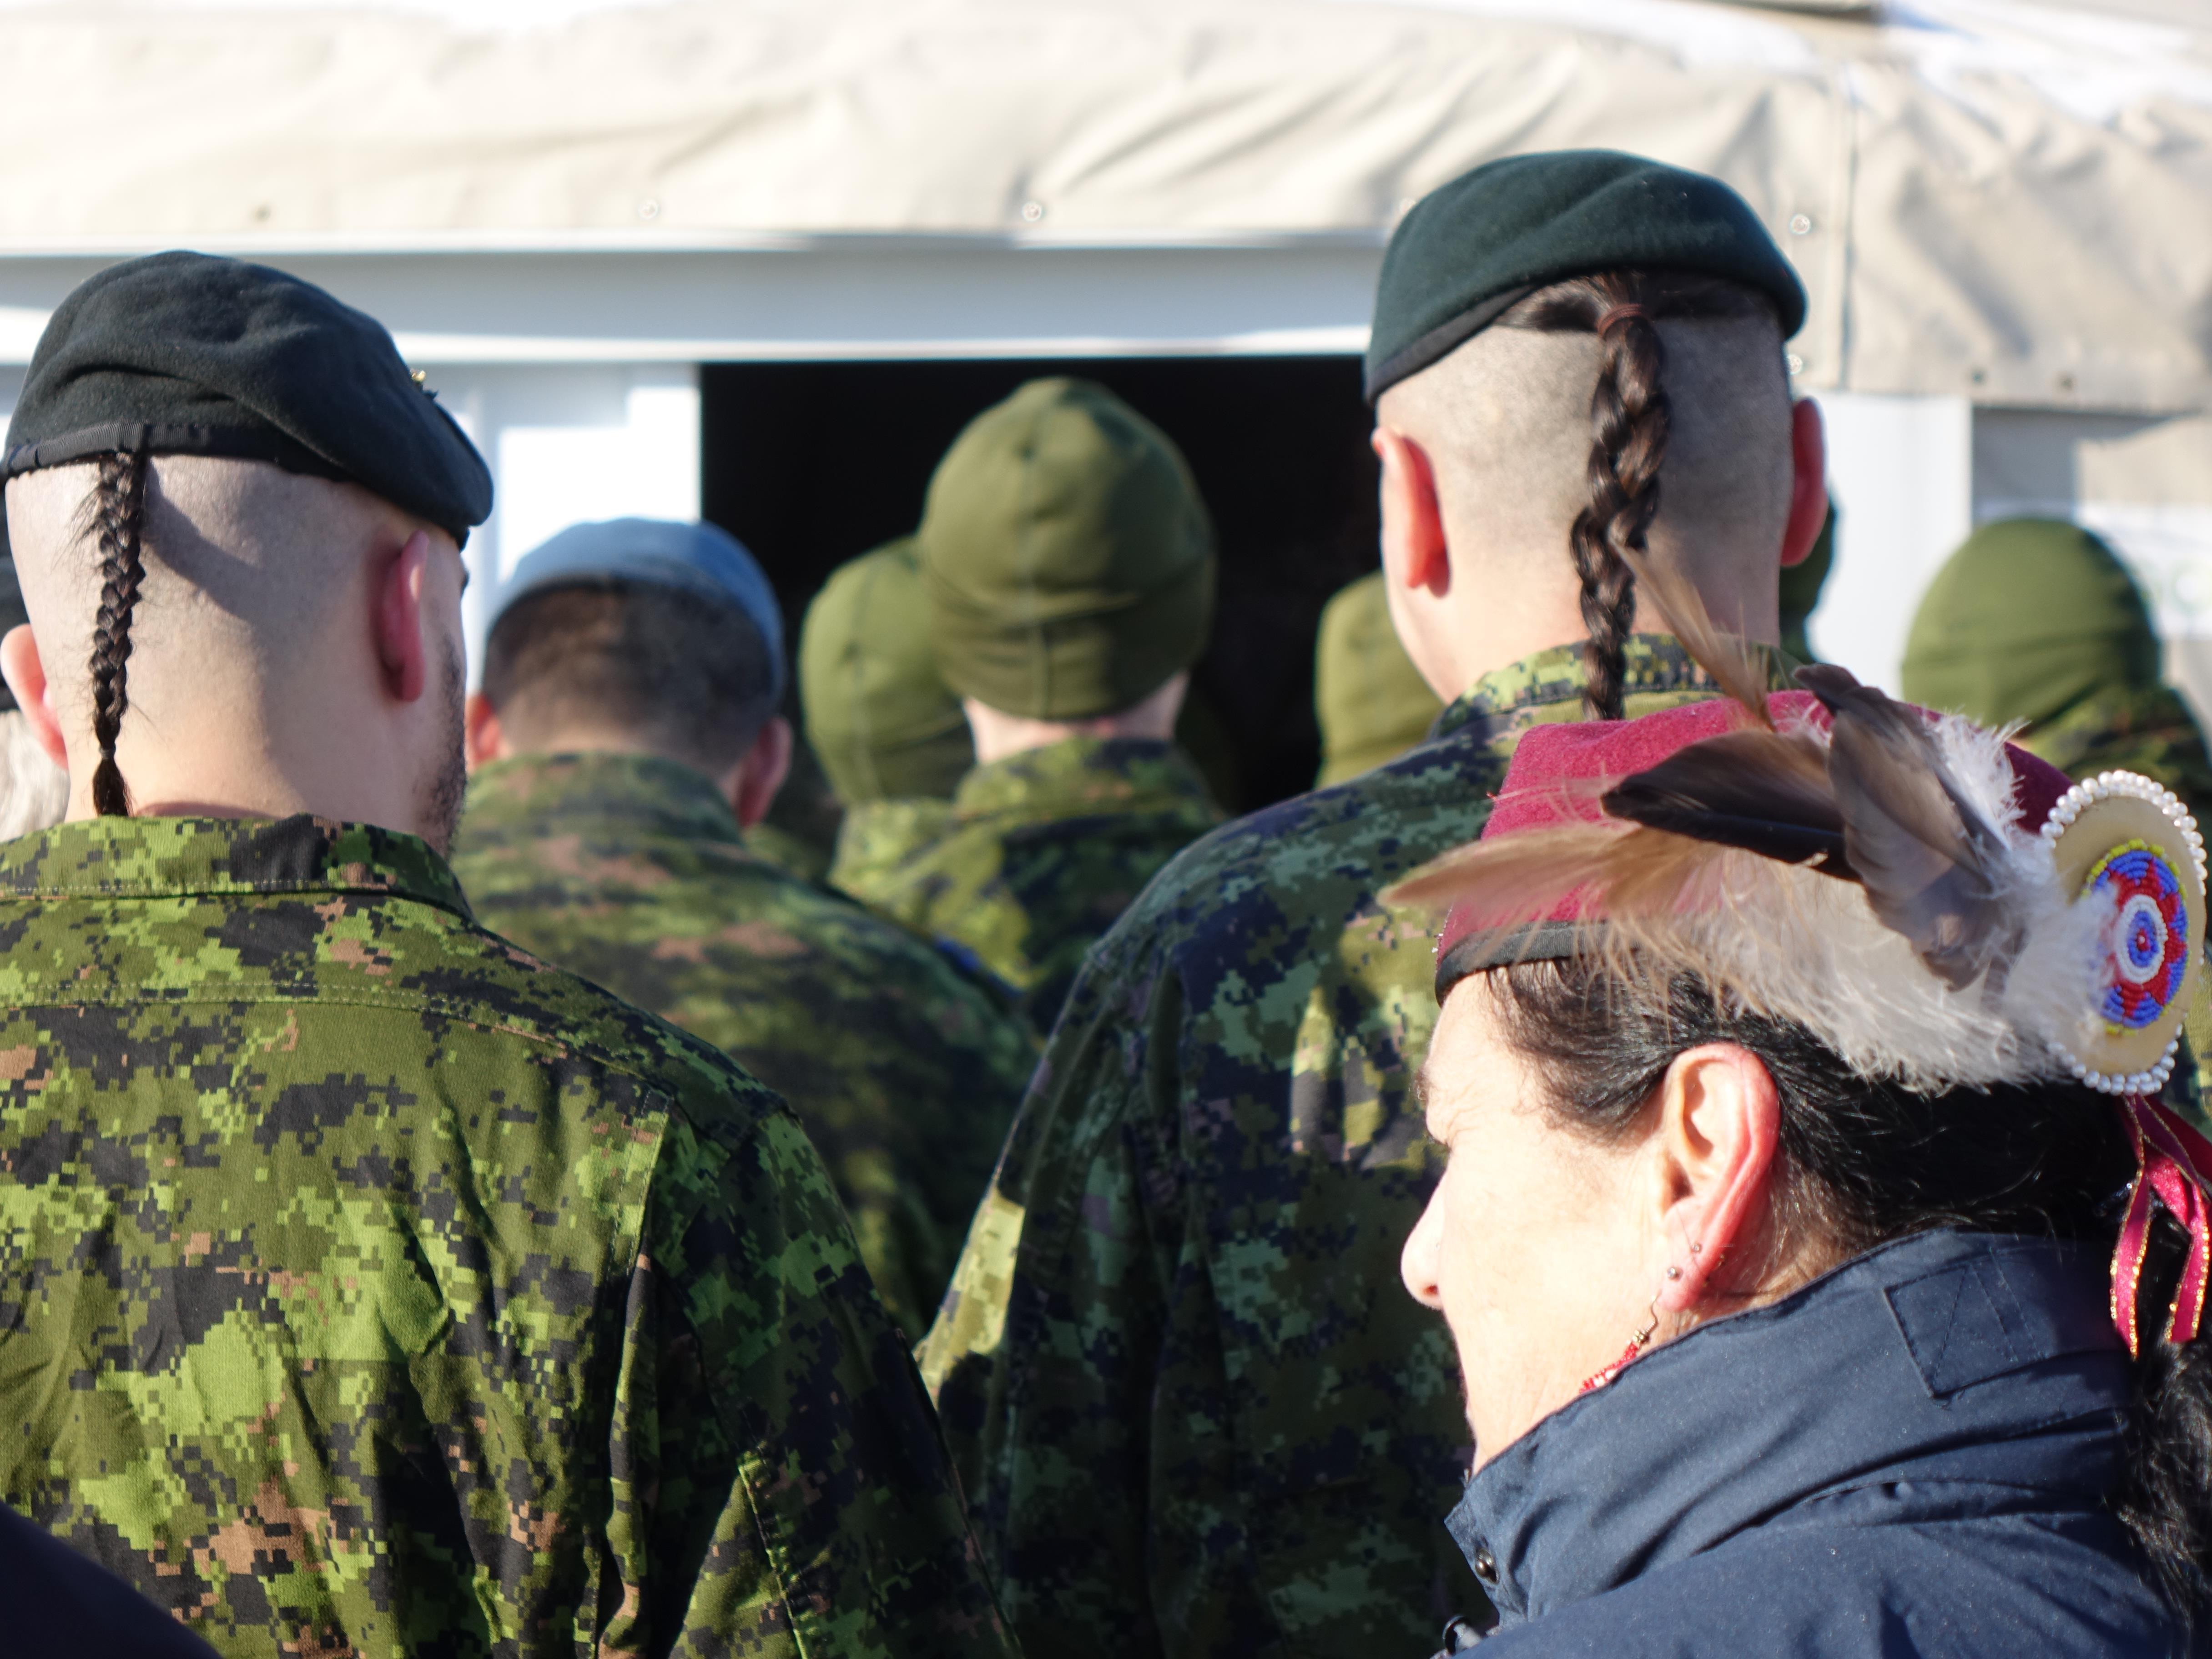 rencontres dans l'armée canadienne service de rencontres progressive